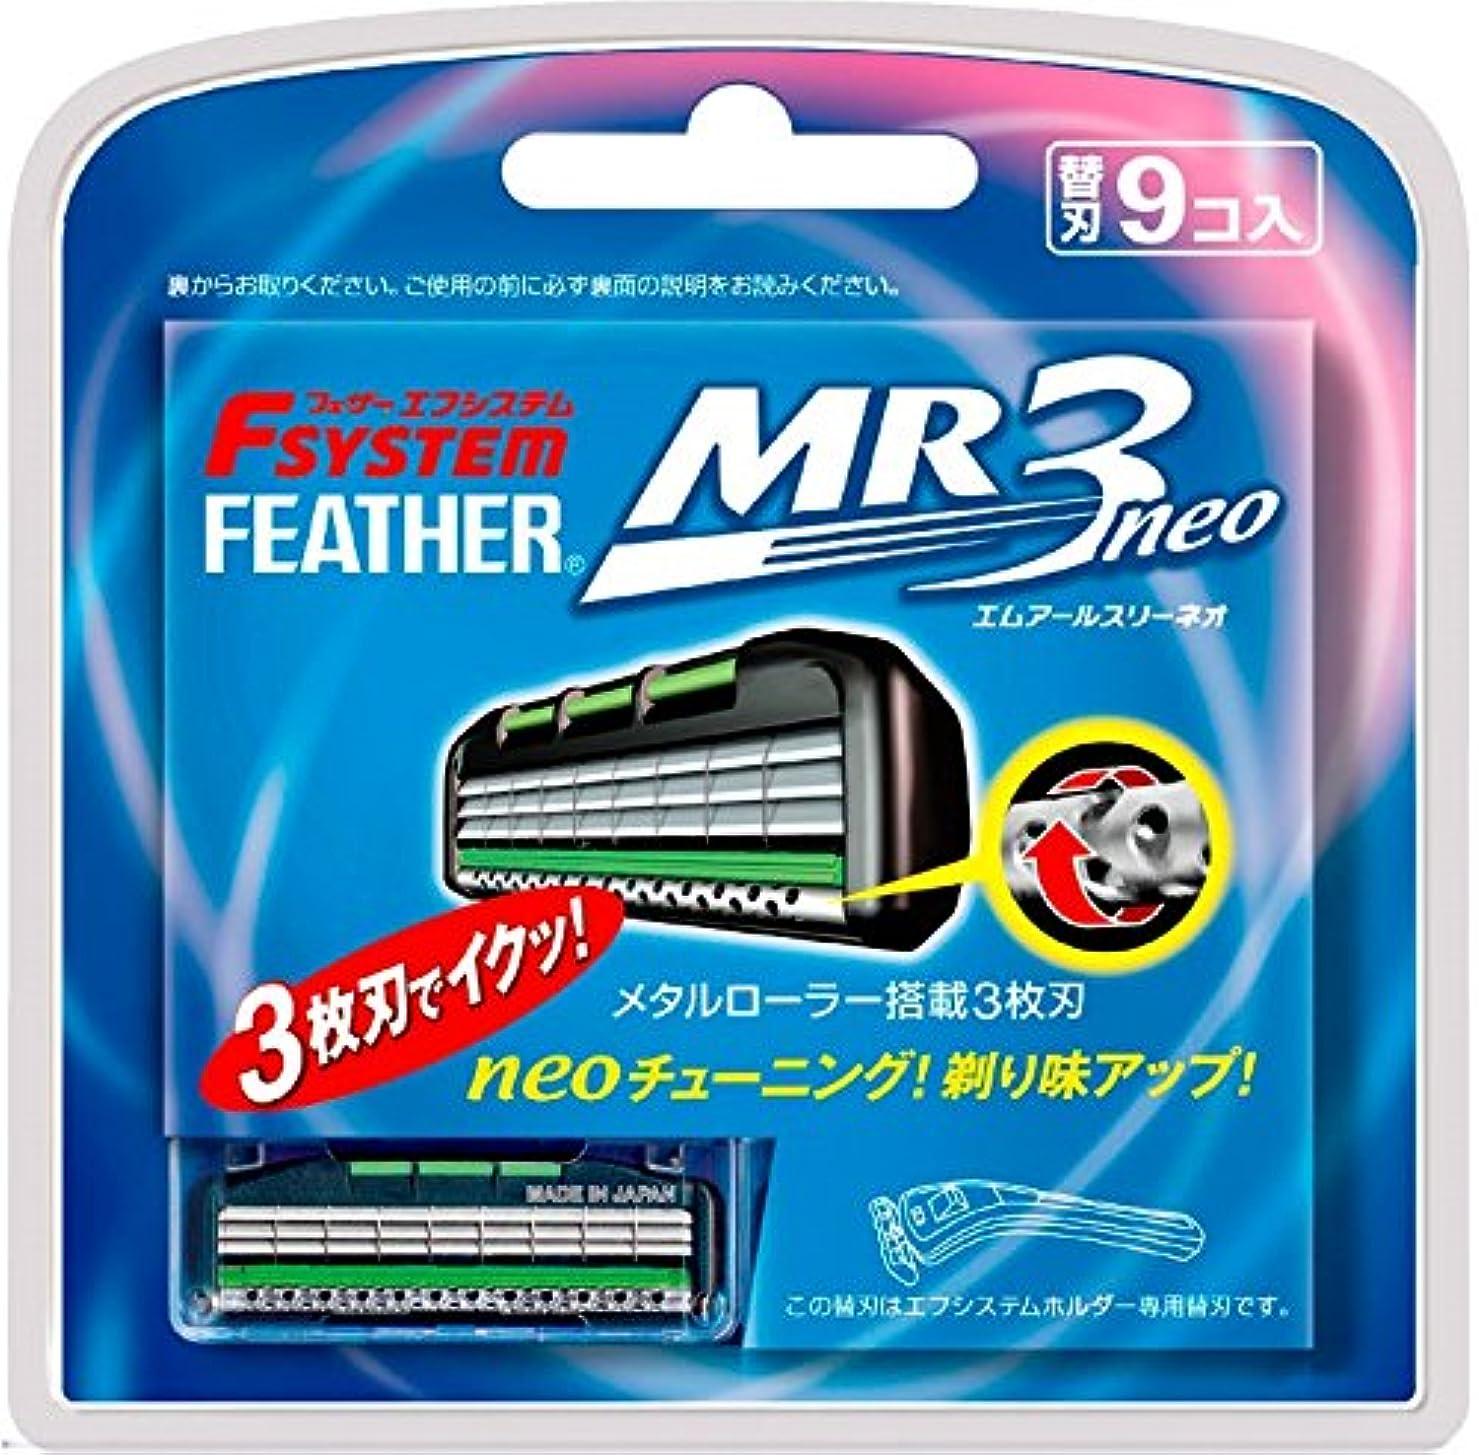 説明的損傷一貫したフェザー エフシステム MR3ネオ 替刃 9個